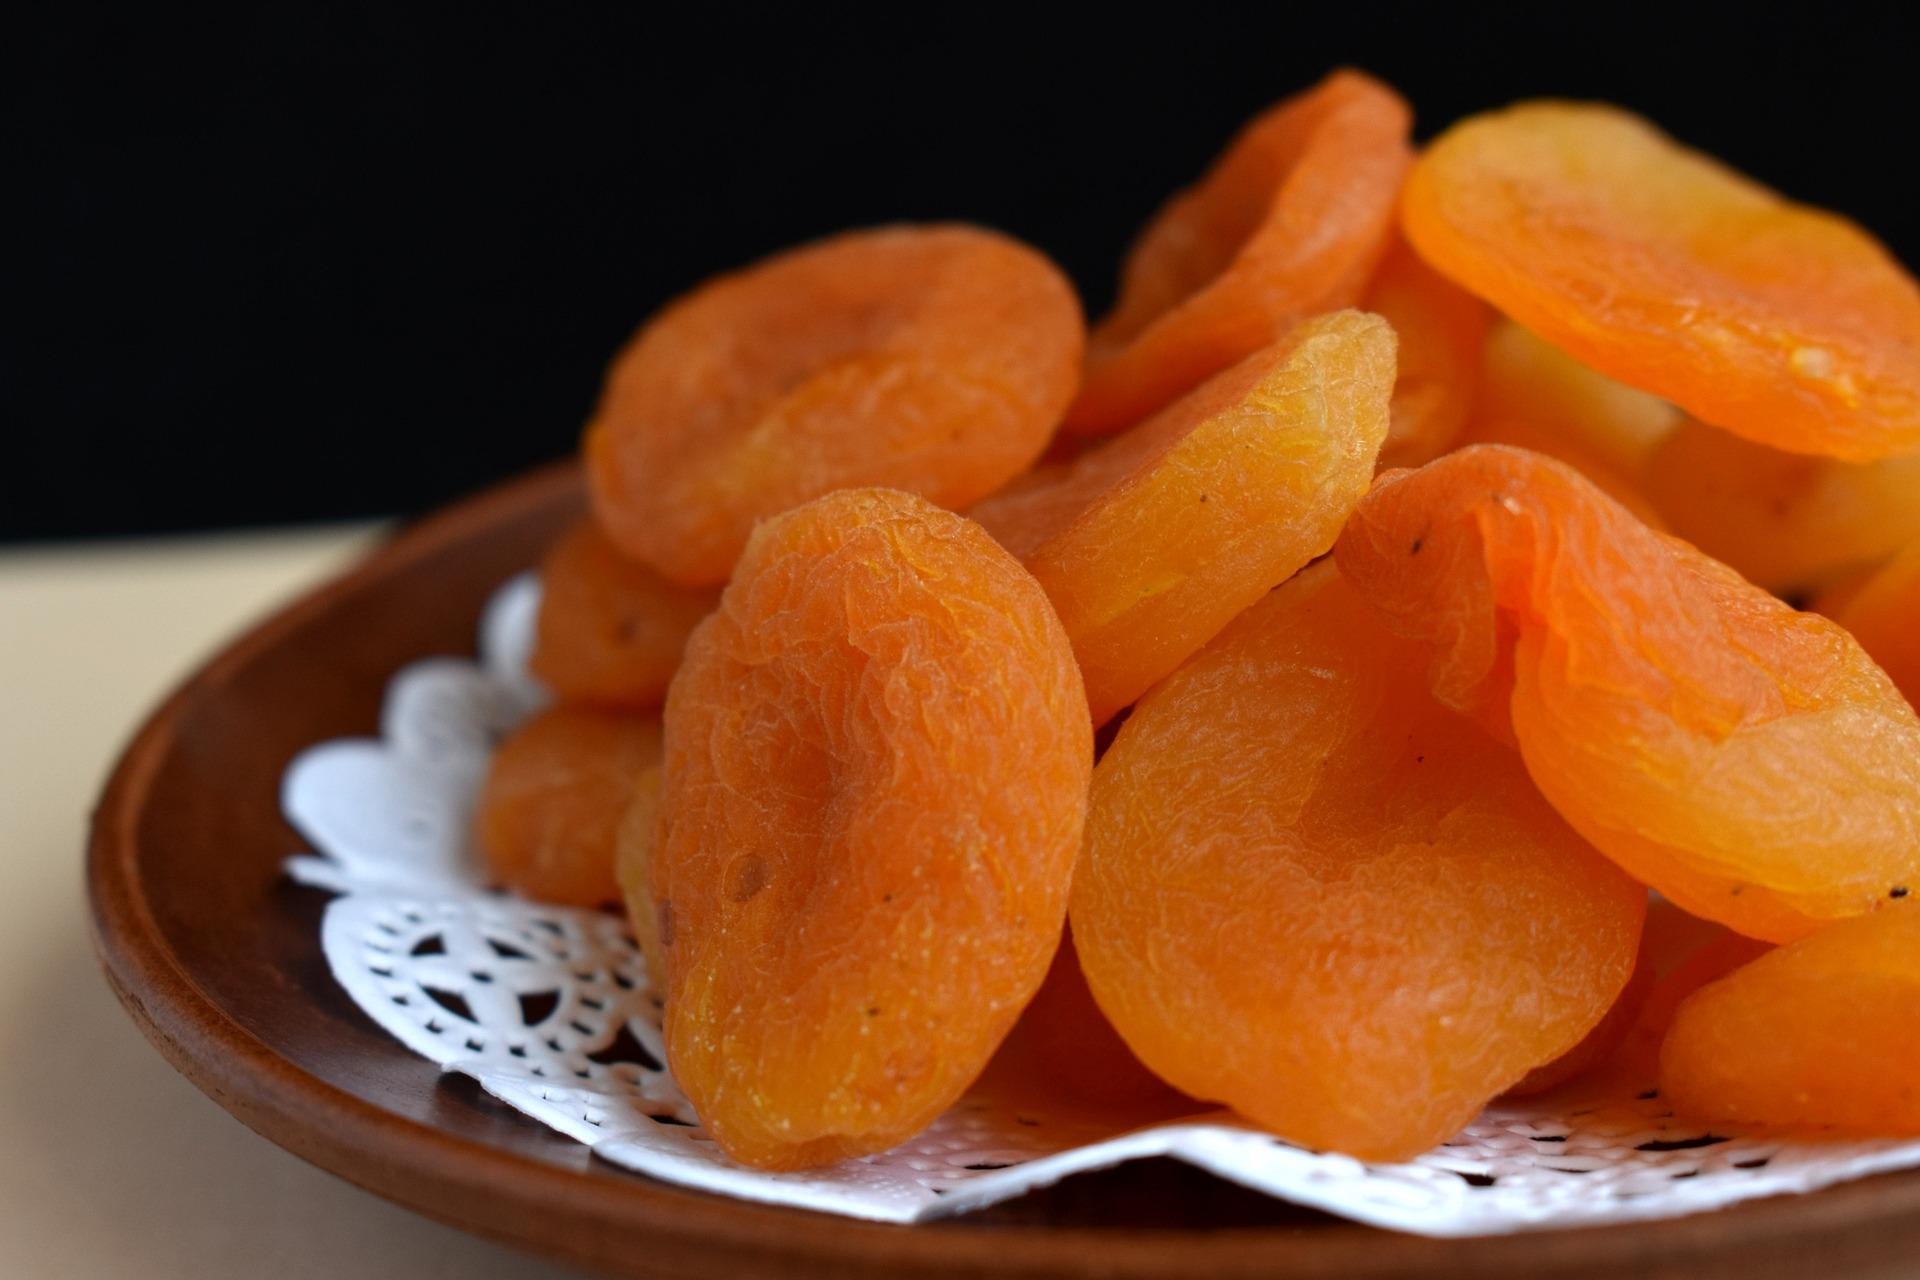 Учёные сравнили пользу от свежих плодов и от сухофруктов